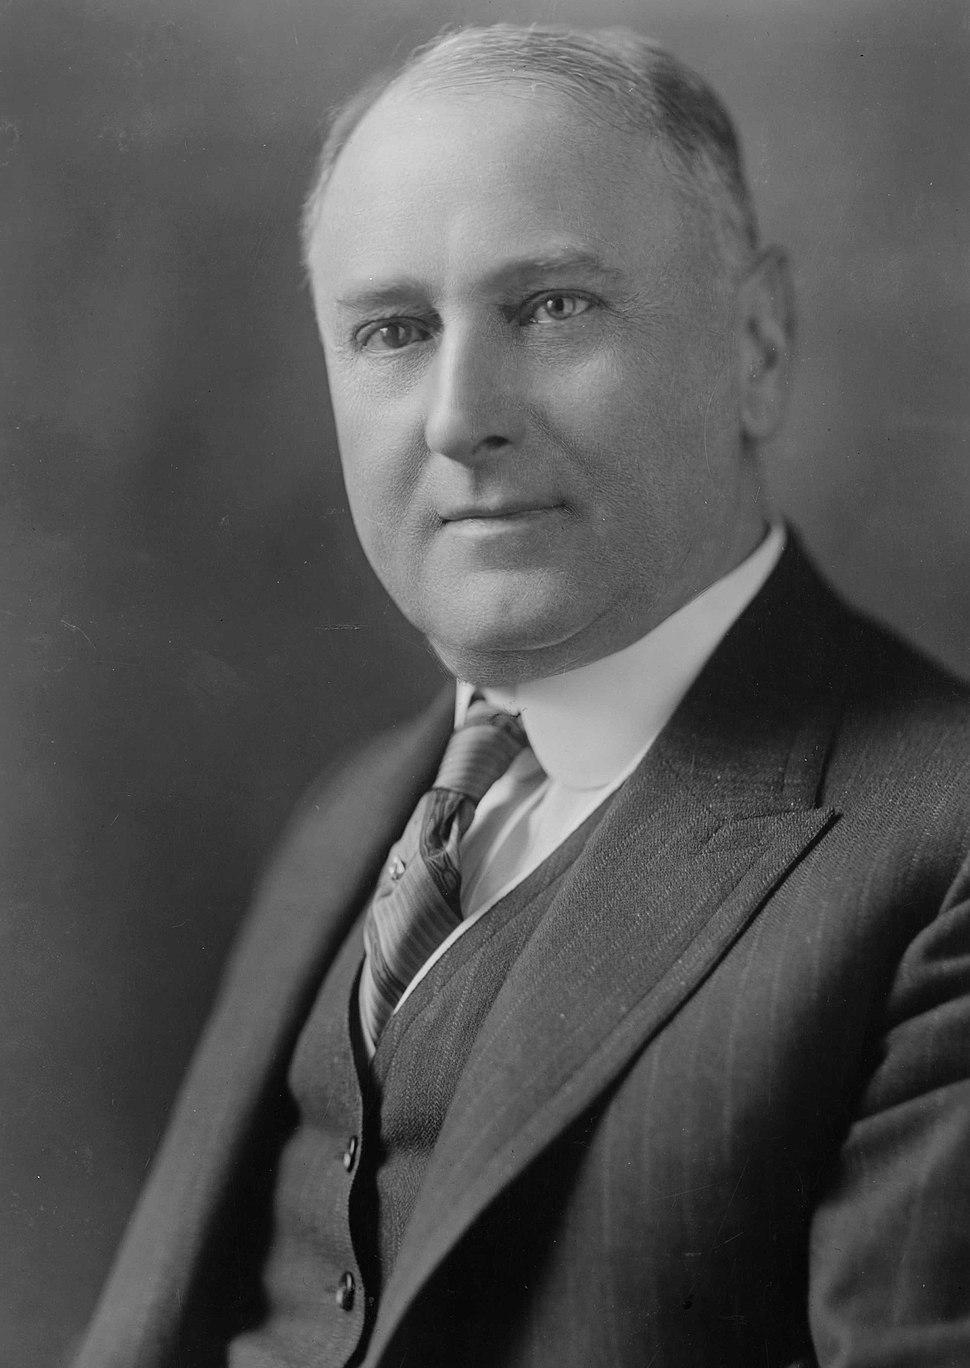 Harry Daugherty, bw photo portrait 1920